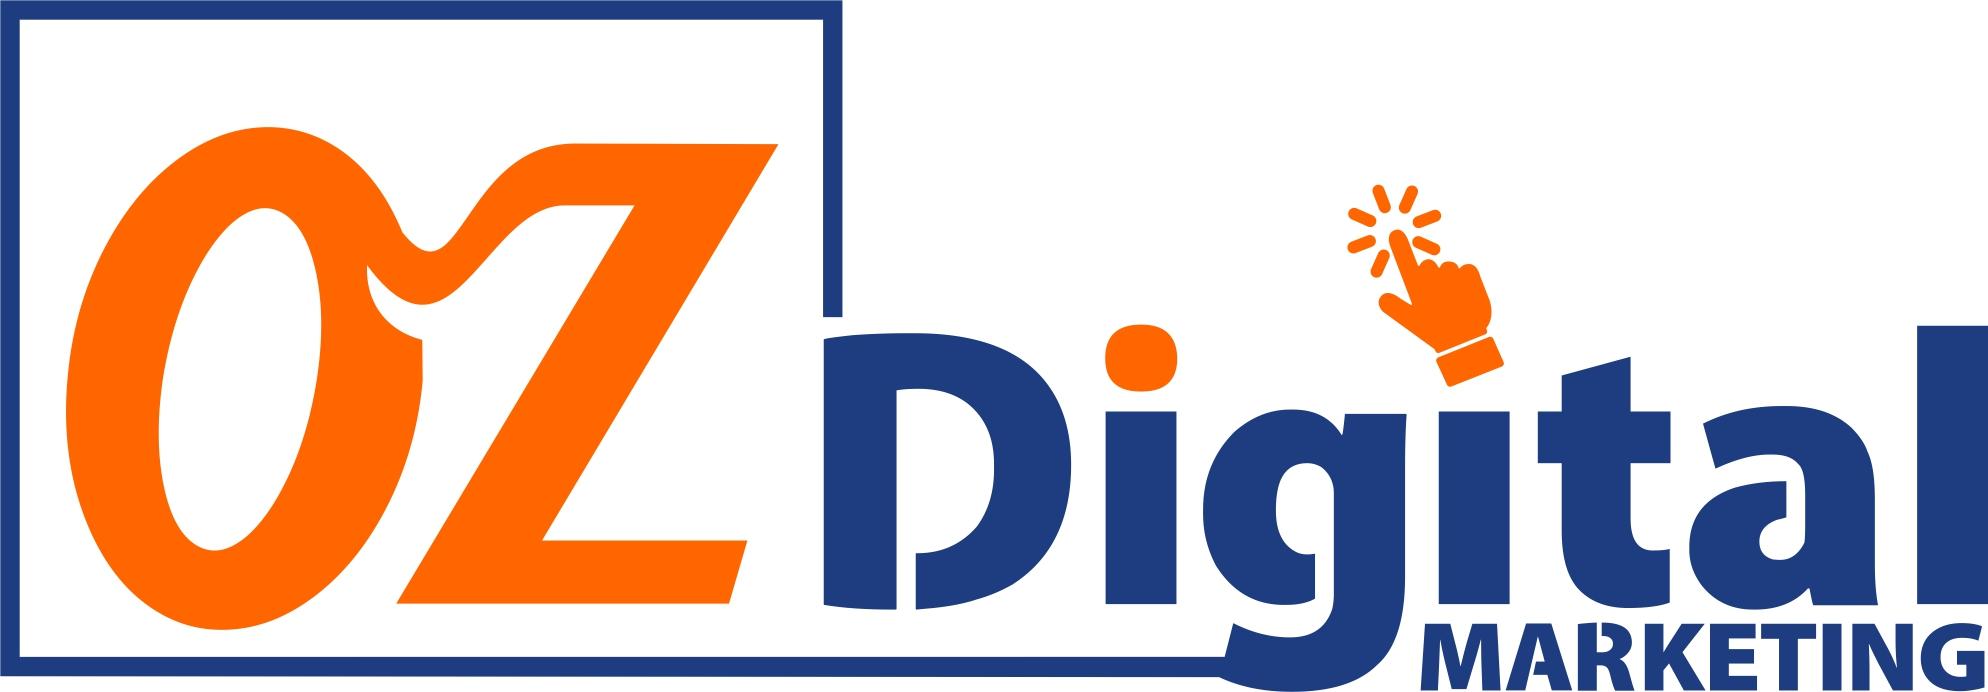 OZ Digital Marketing